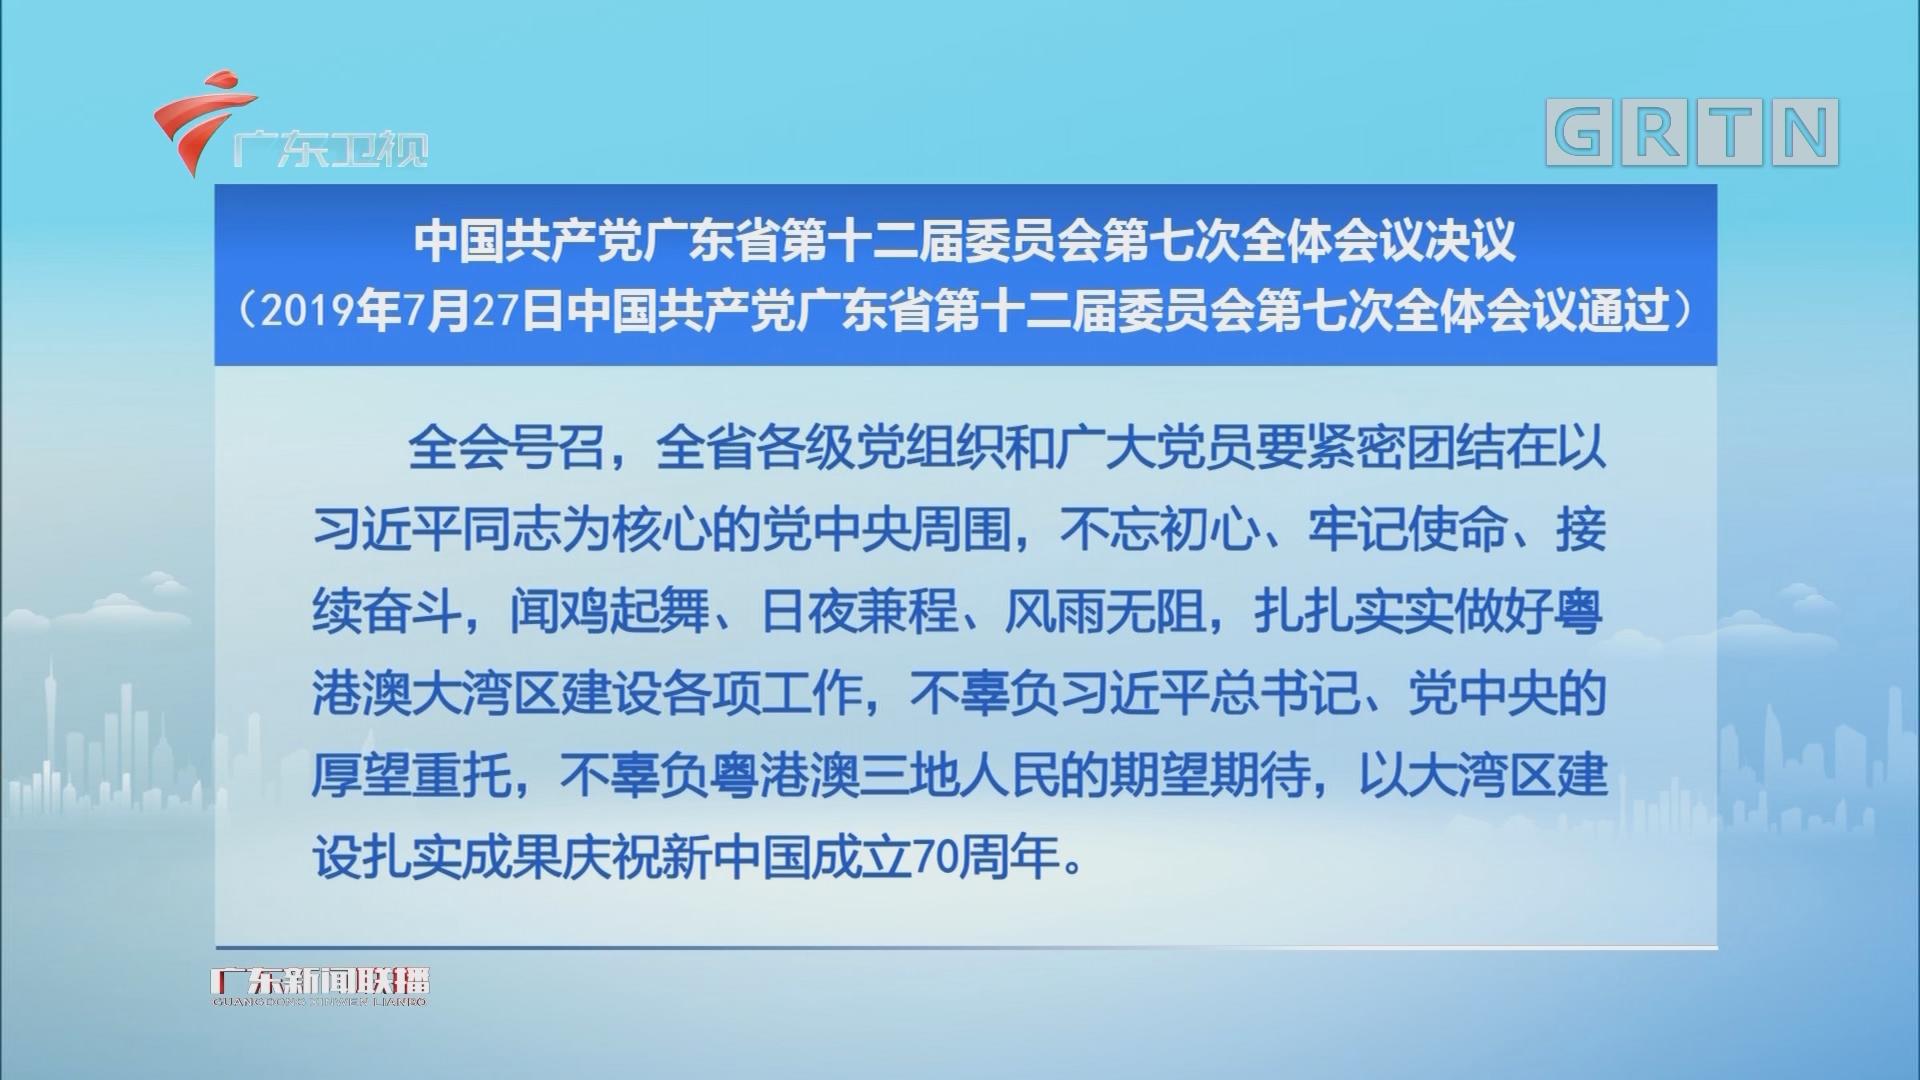 中国共产党广东省第十二届委员会第七次全体会议决议